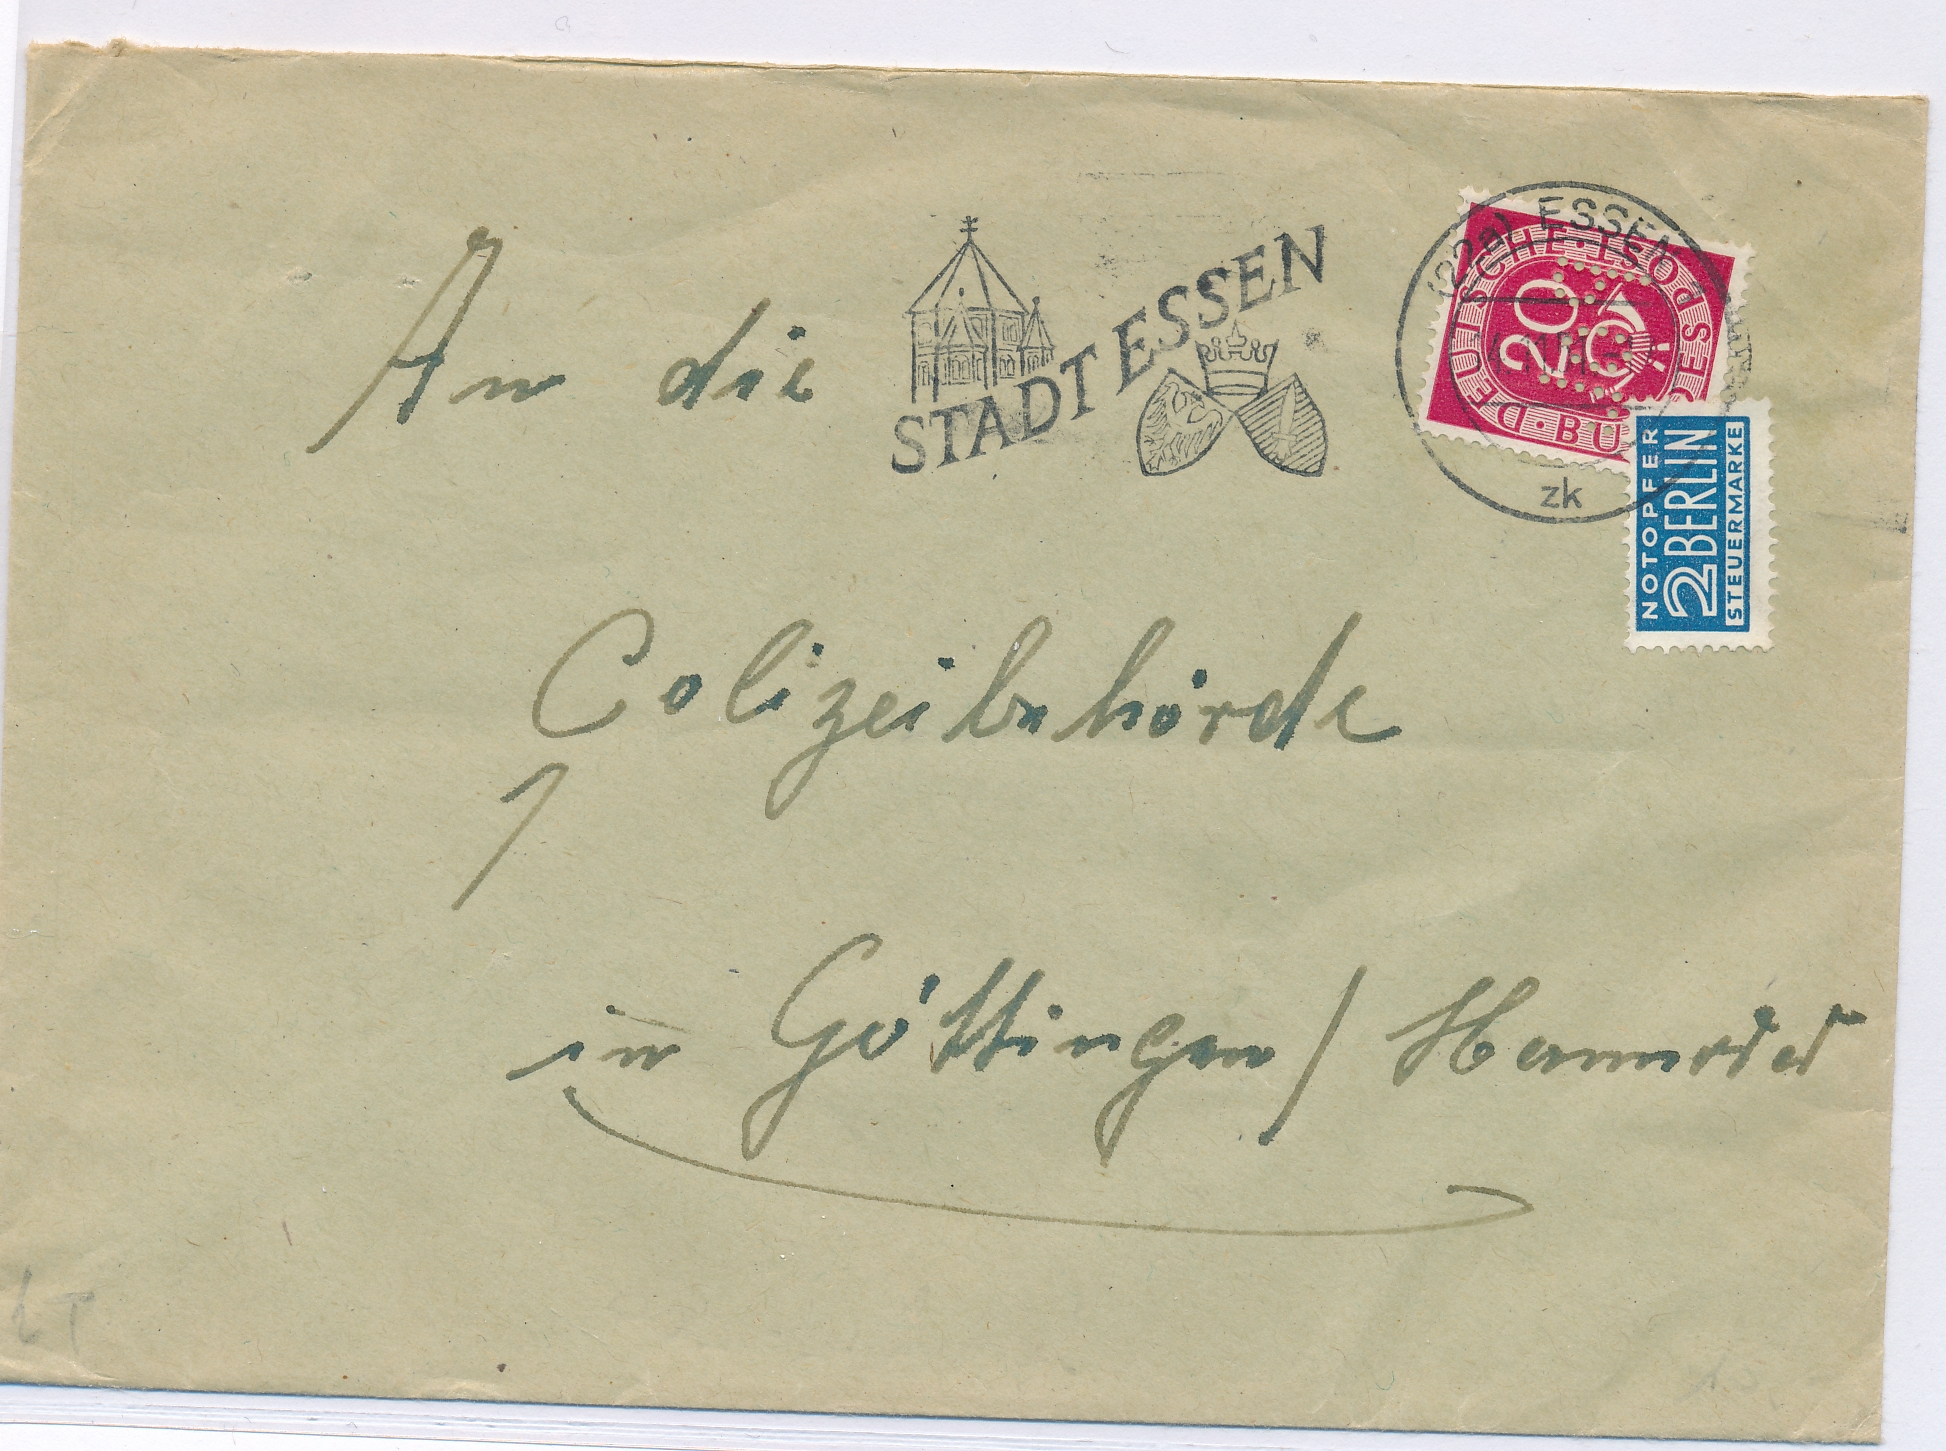 Lot 5408 - Main catalogue bundesrepublik deutschland -  Peter Harlos Auctions 41. Auktion